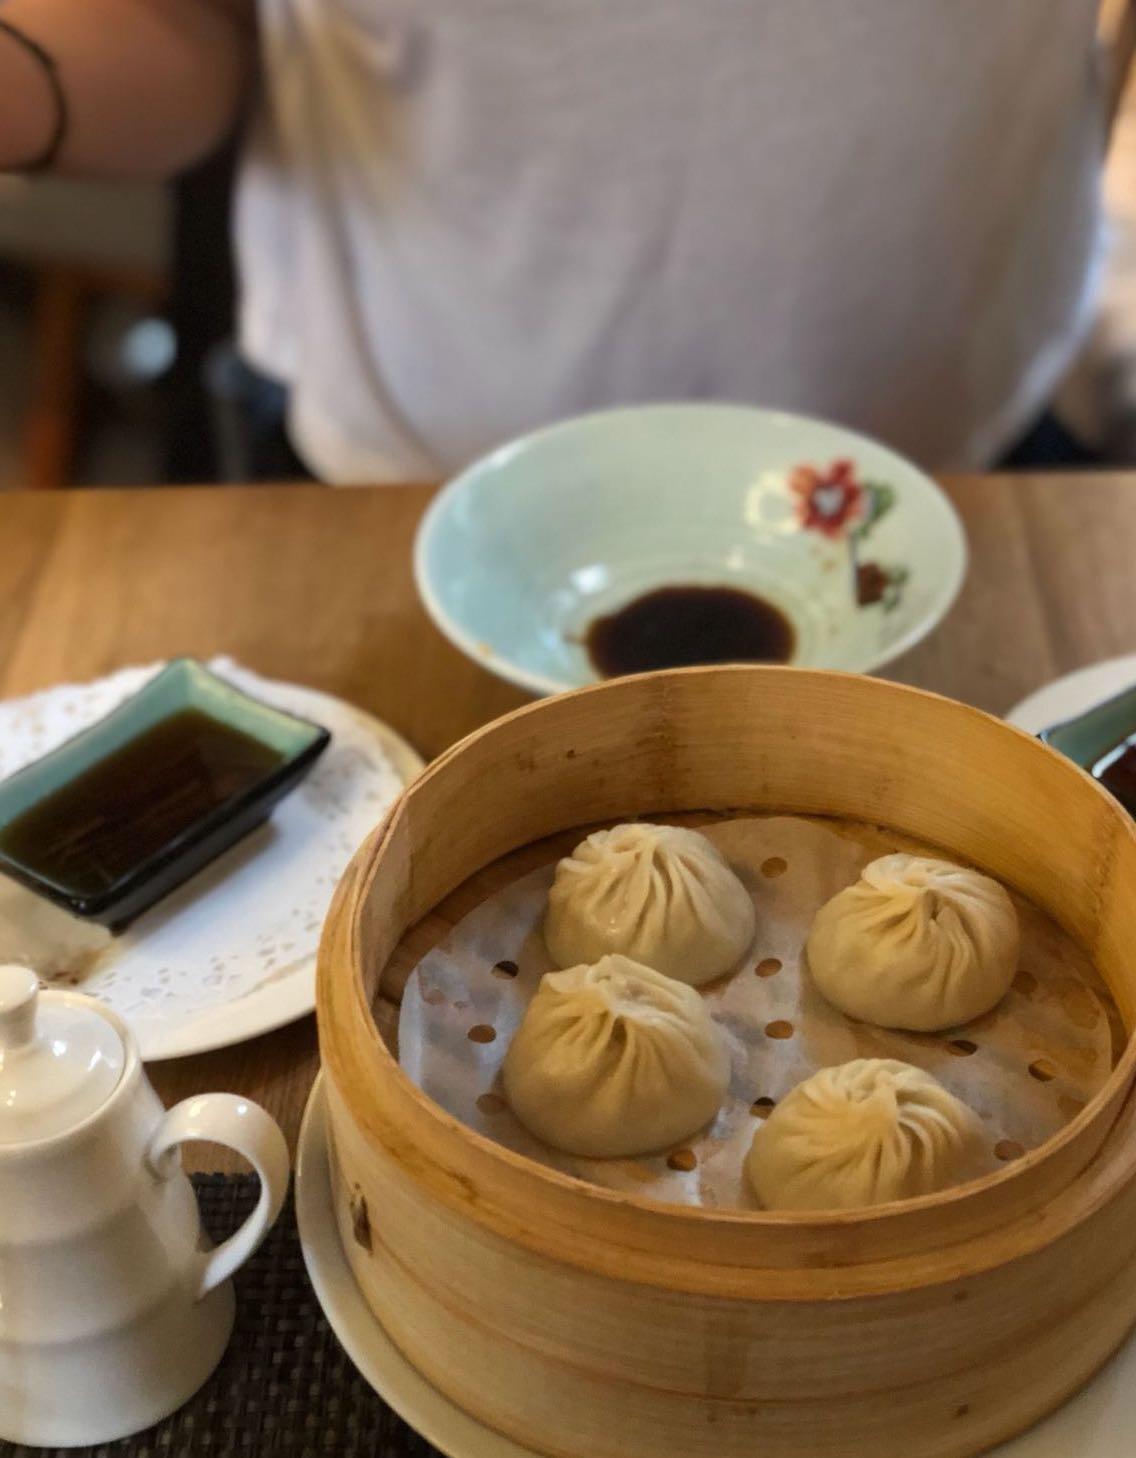 Noch mehr Dumplings - sie überzeugen sowohl in der Fleisch- als auch in der Vegivariante. Foto: Lunchgate/Manu